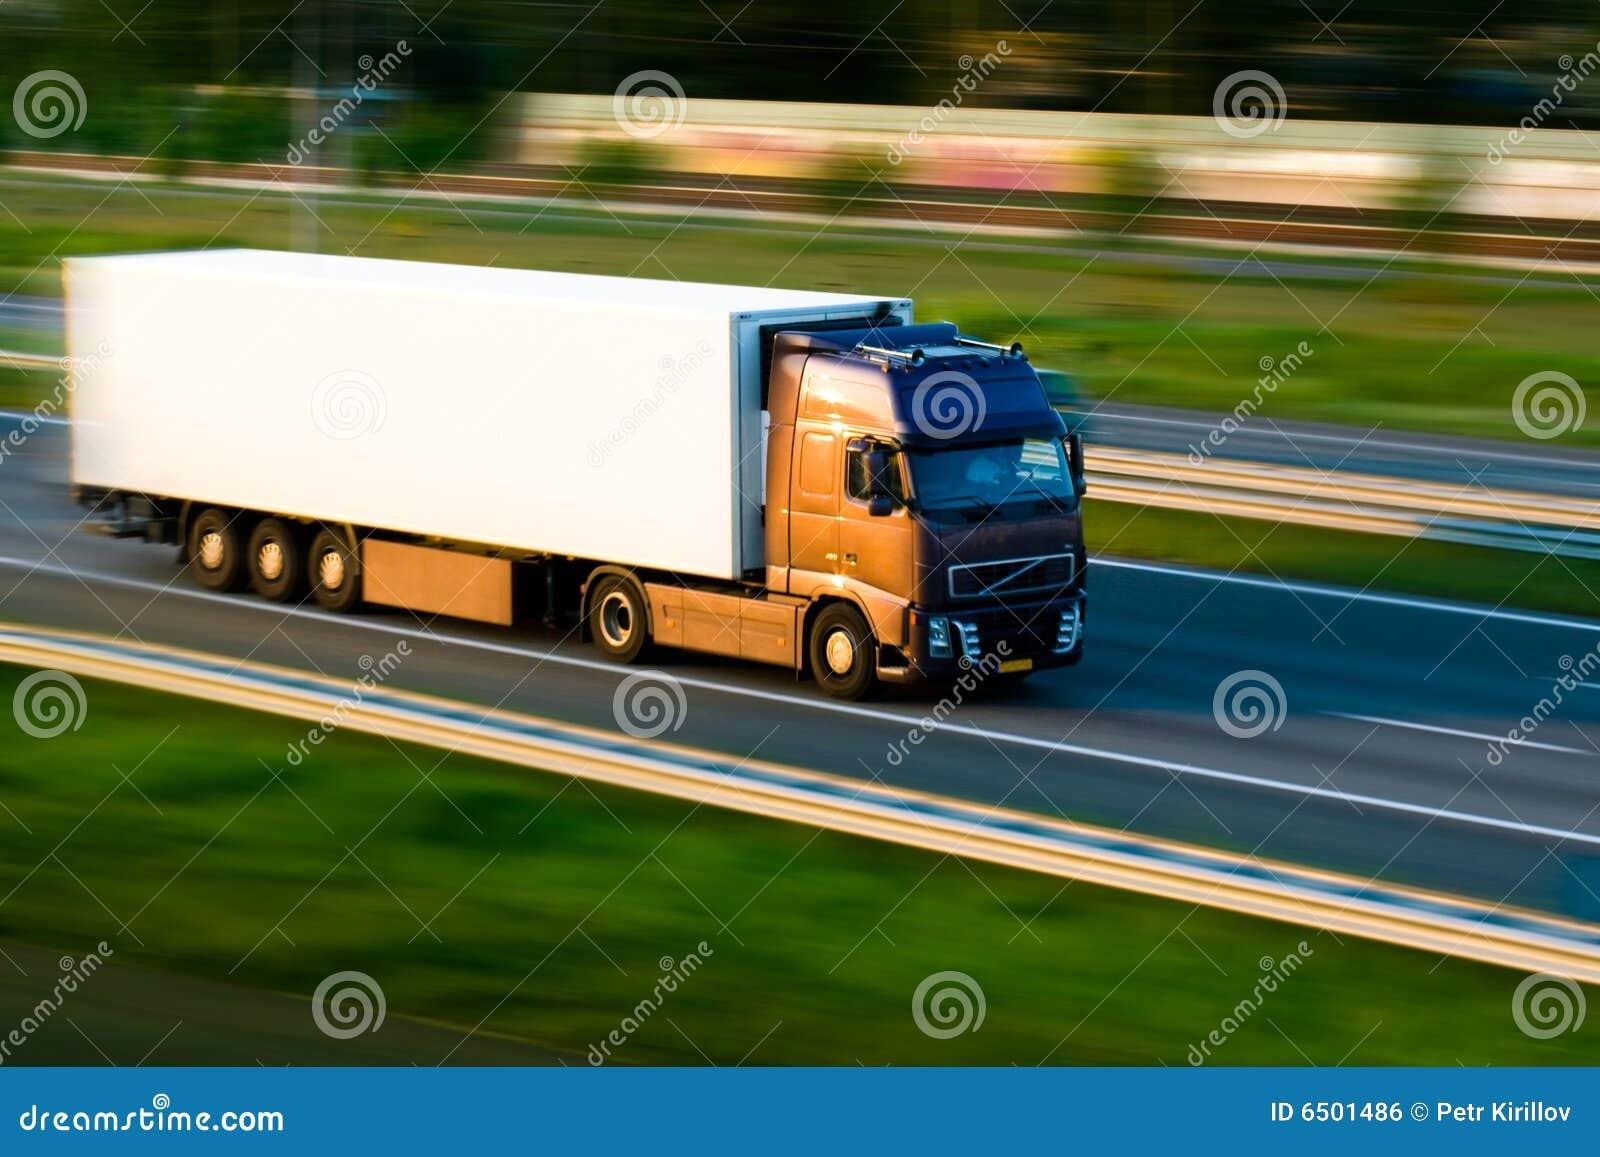 Fracht-LKW auf Autobahn